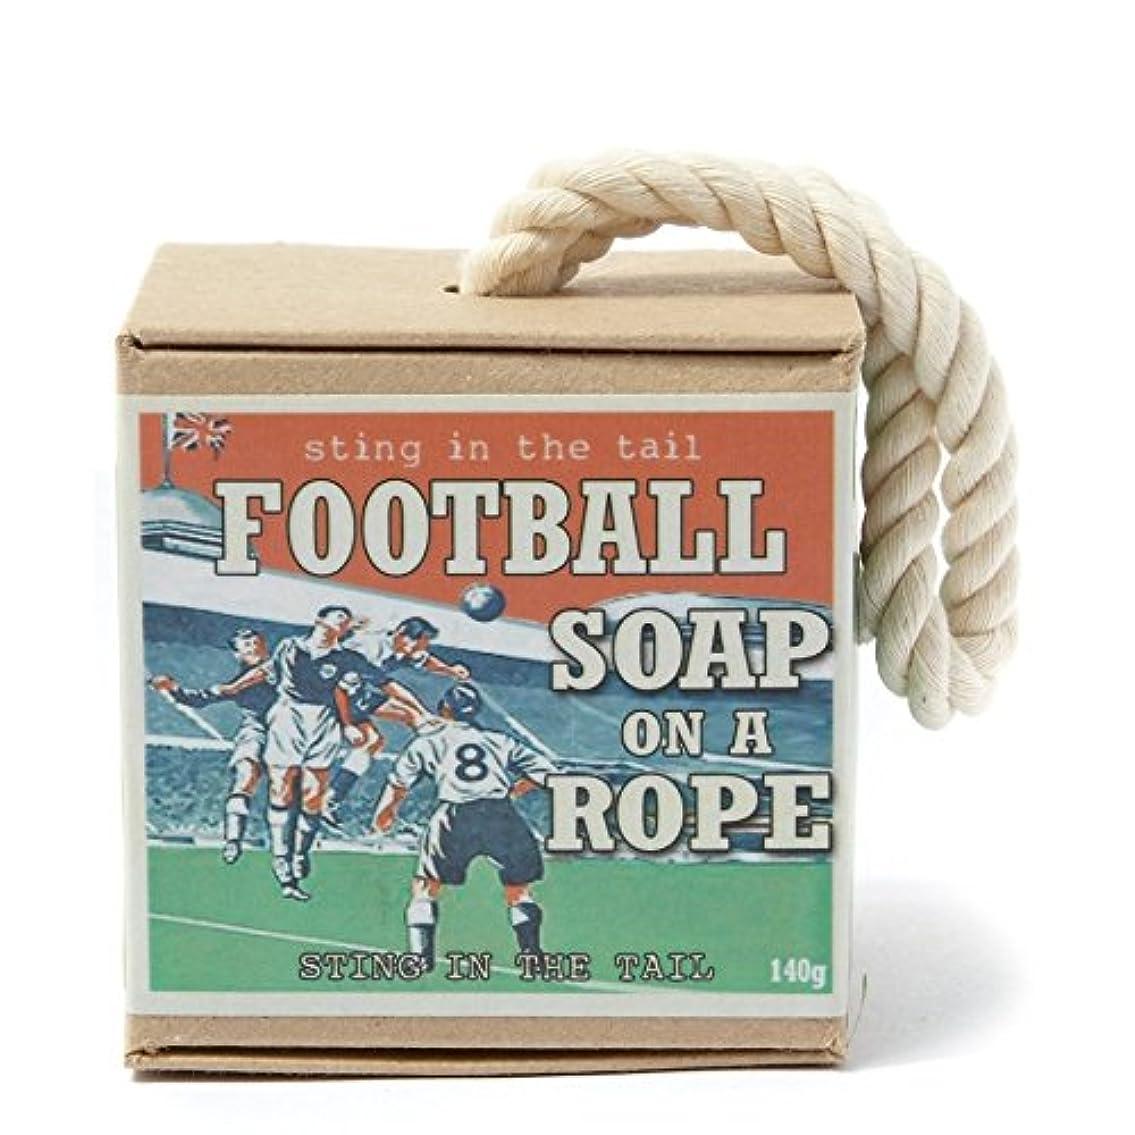 雨の特別な正直Sting In The Tail Football on a Rope Soap (Pack of 6) - ロープ石鹸のテールサッカーで刺します x6 [並行輸入品]